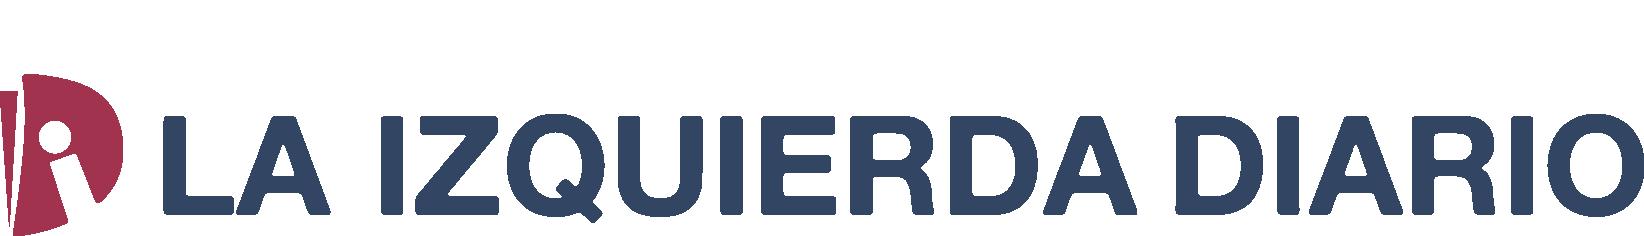 la izquierda diario logo